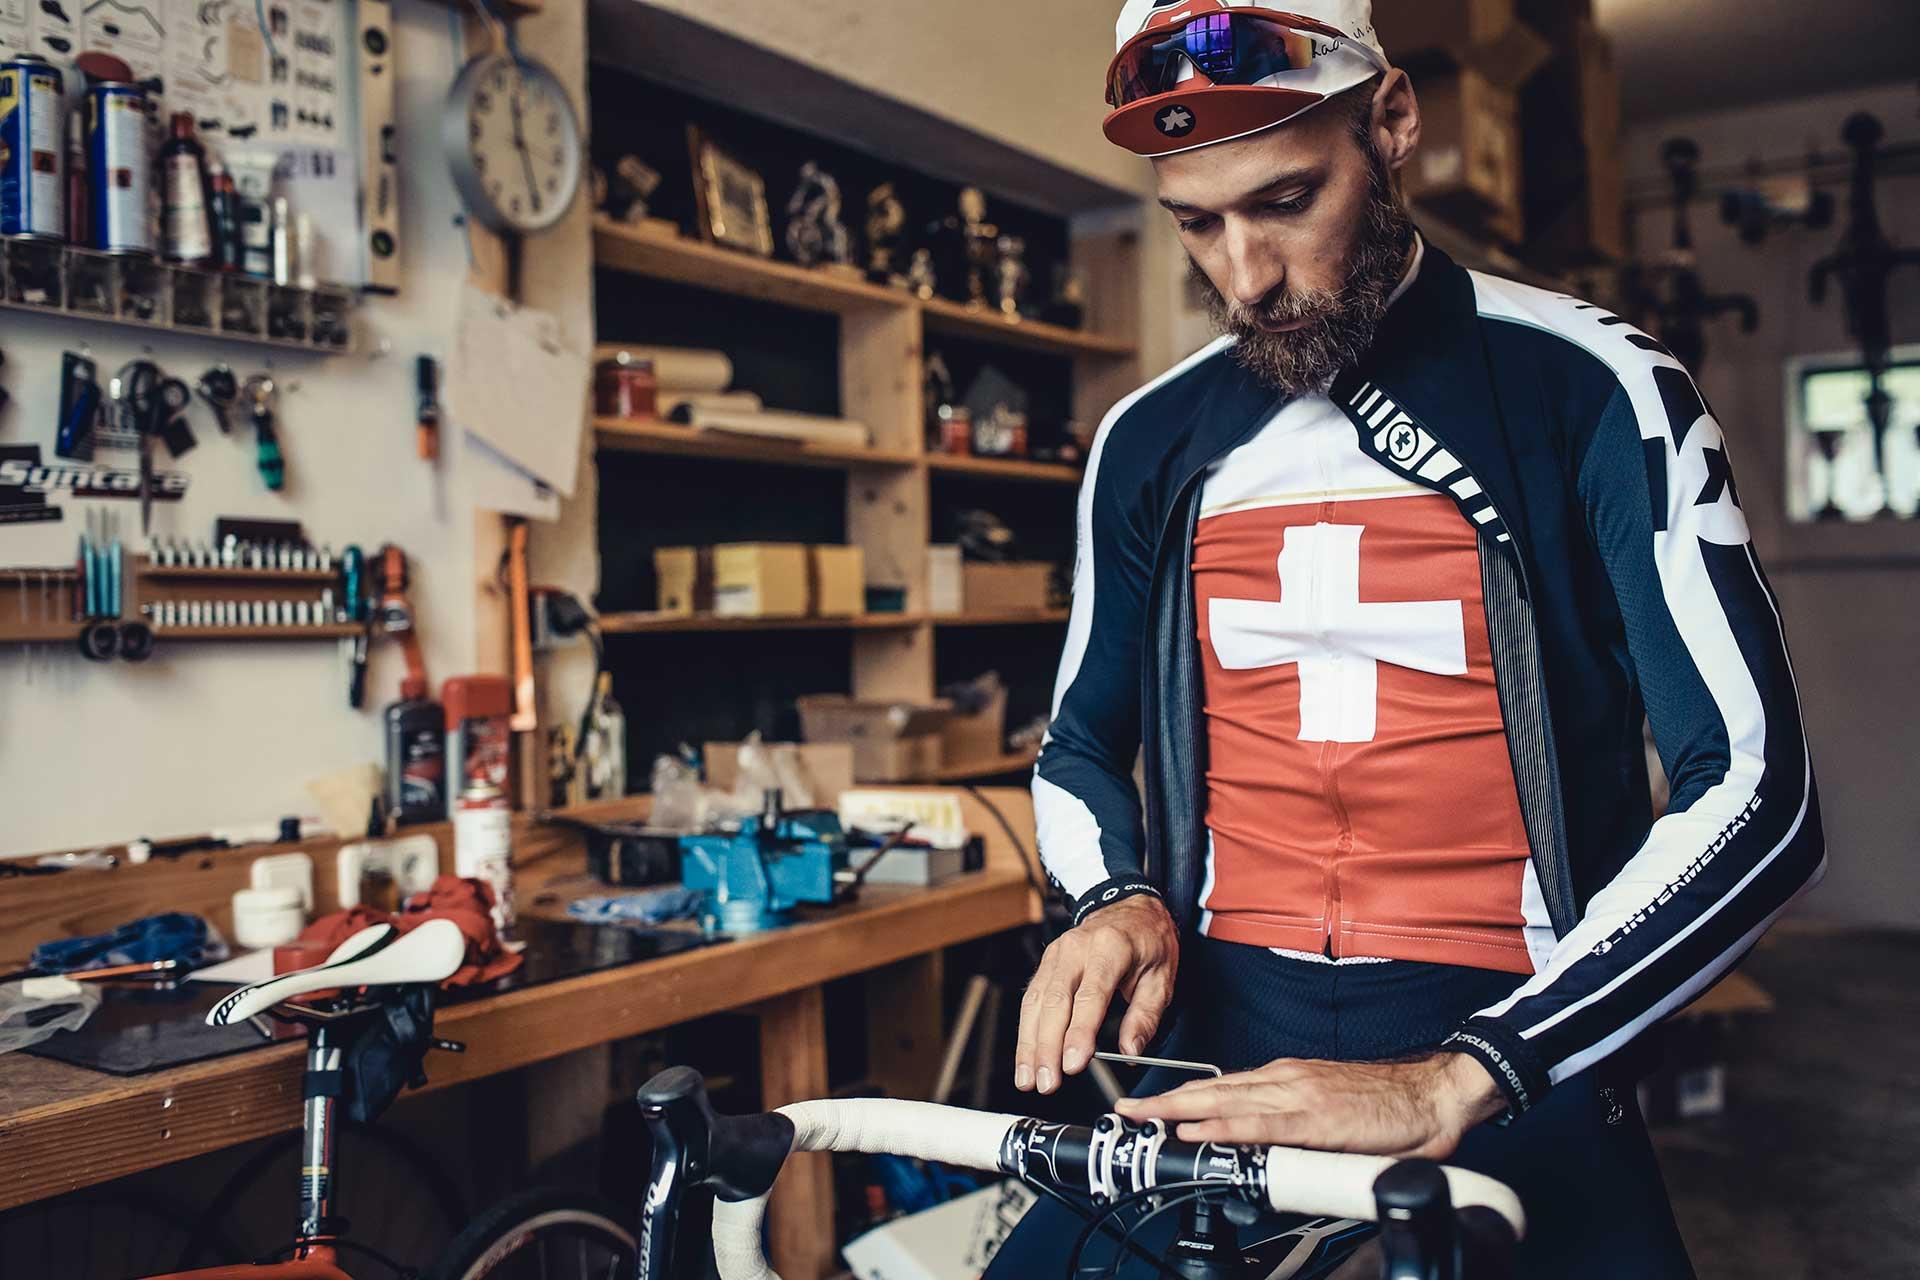 Werkstatt Fahrrad Rennrad Fotograf Sport Outdoor Lifestyle München